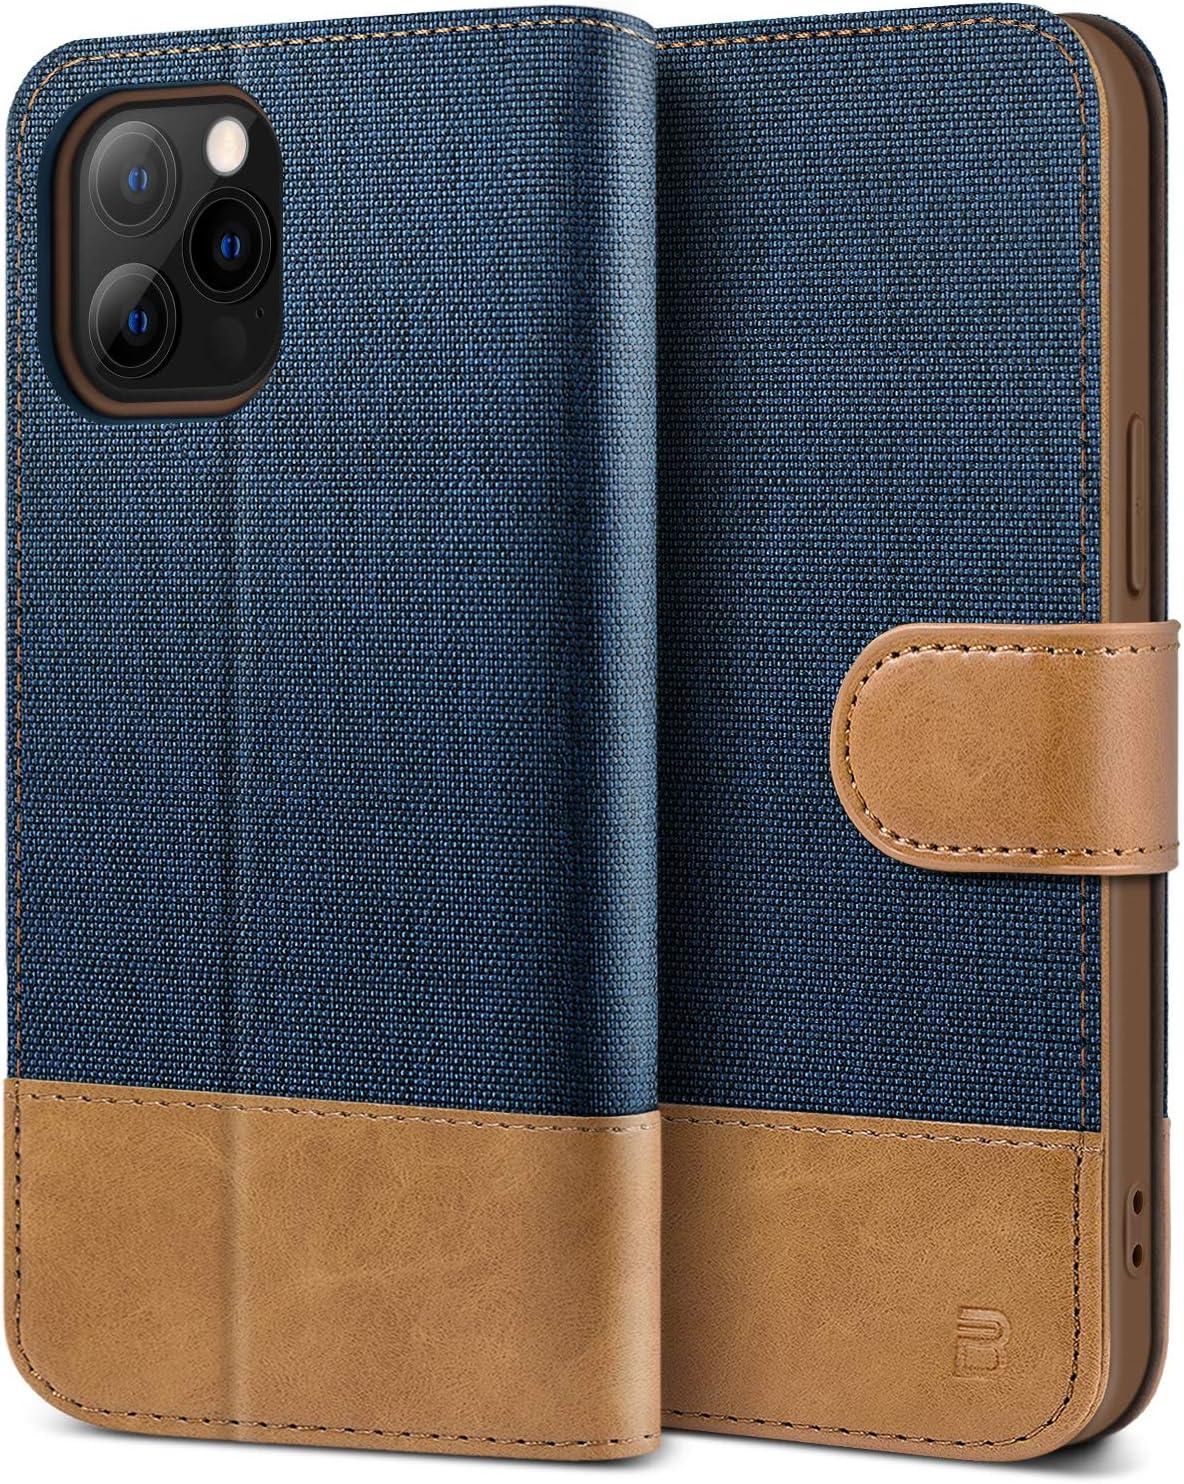 BEZ Funda iPhone 12, Funda iPhone 12 Pro, Carcasa para iPhone 12 / iPhone 12 Pro Libro de Cuero con Tapas y Cartera, Cover Protectora con Ranura para Tarjetas y Billetera, Cierre Magnético, Azul